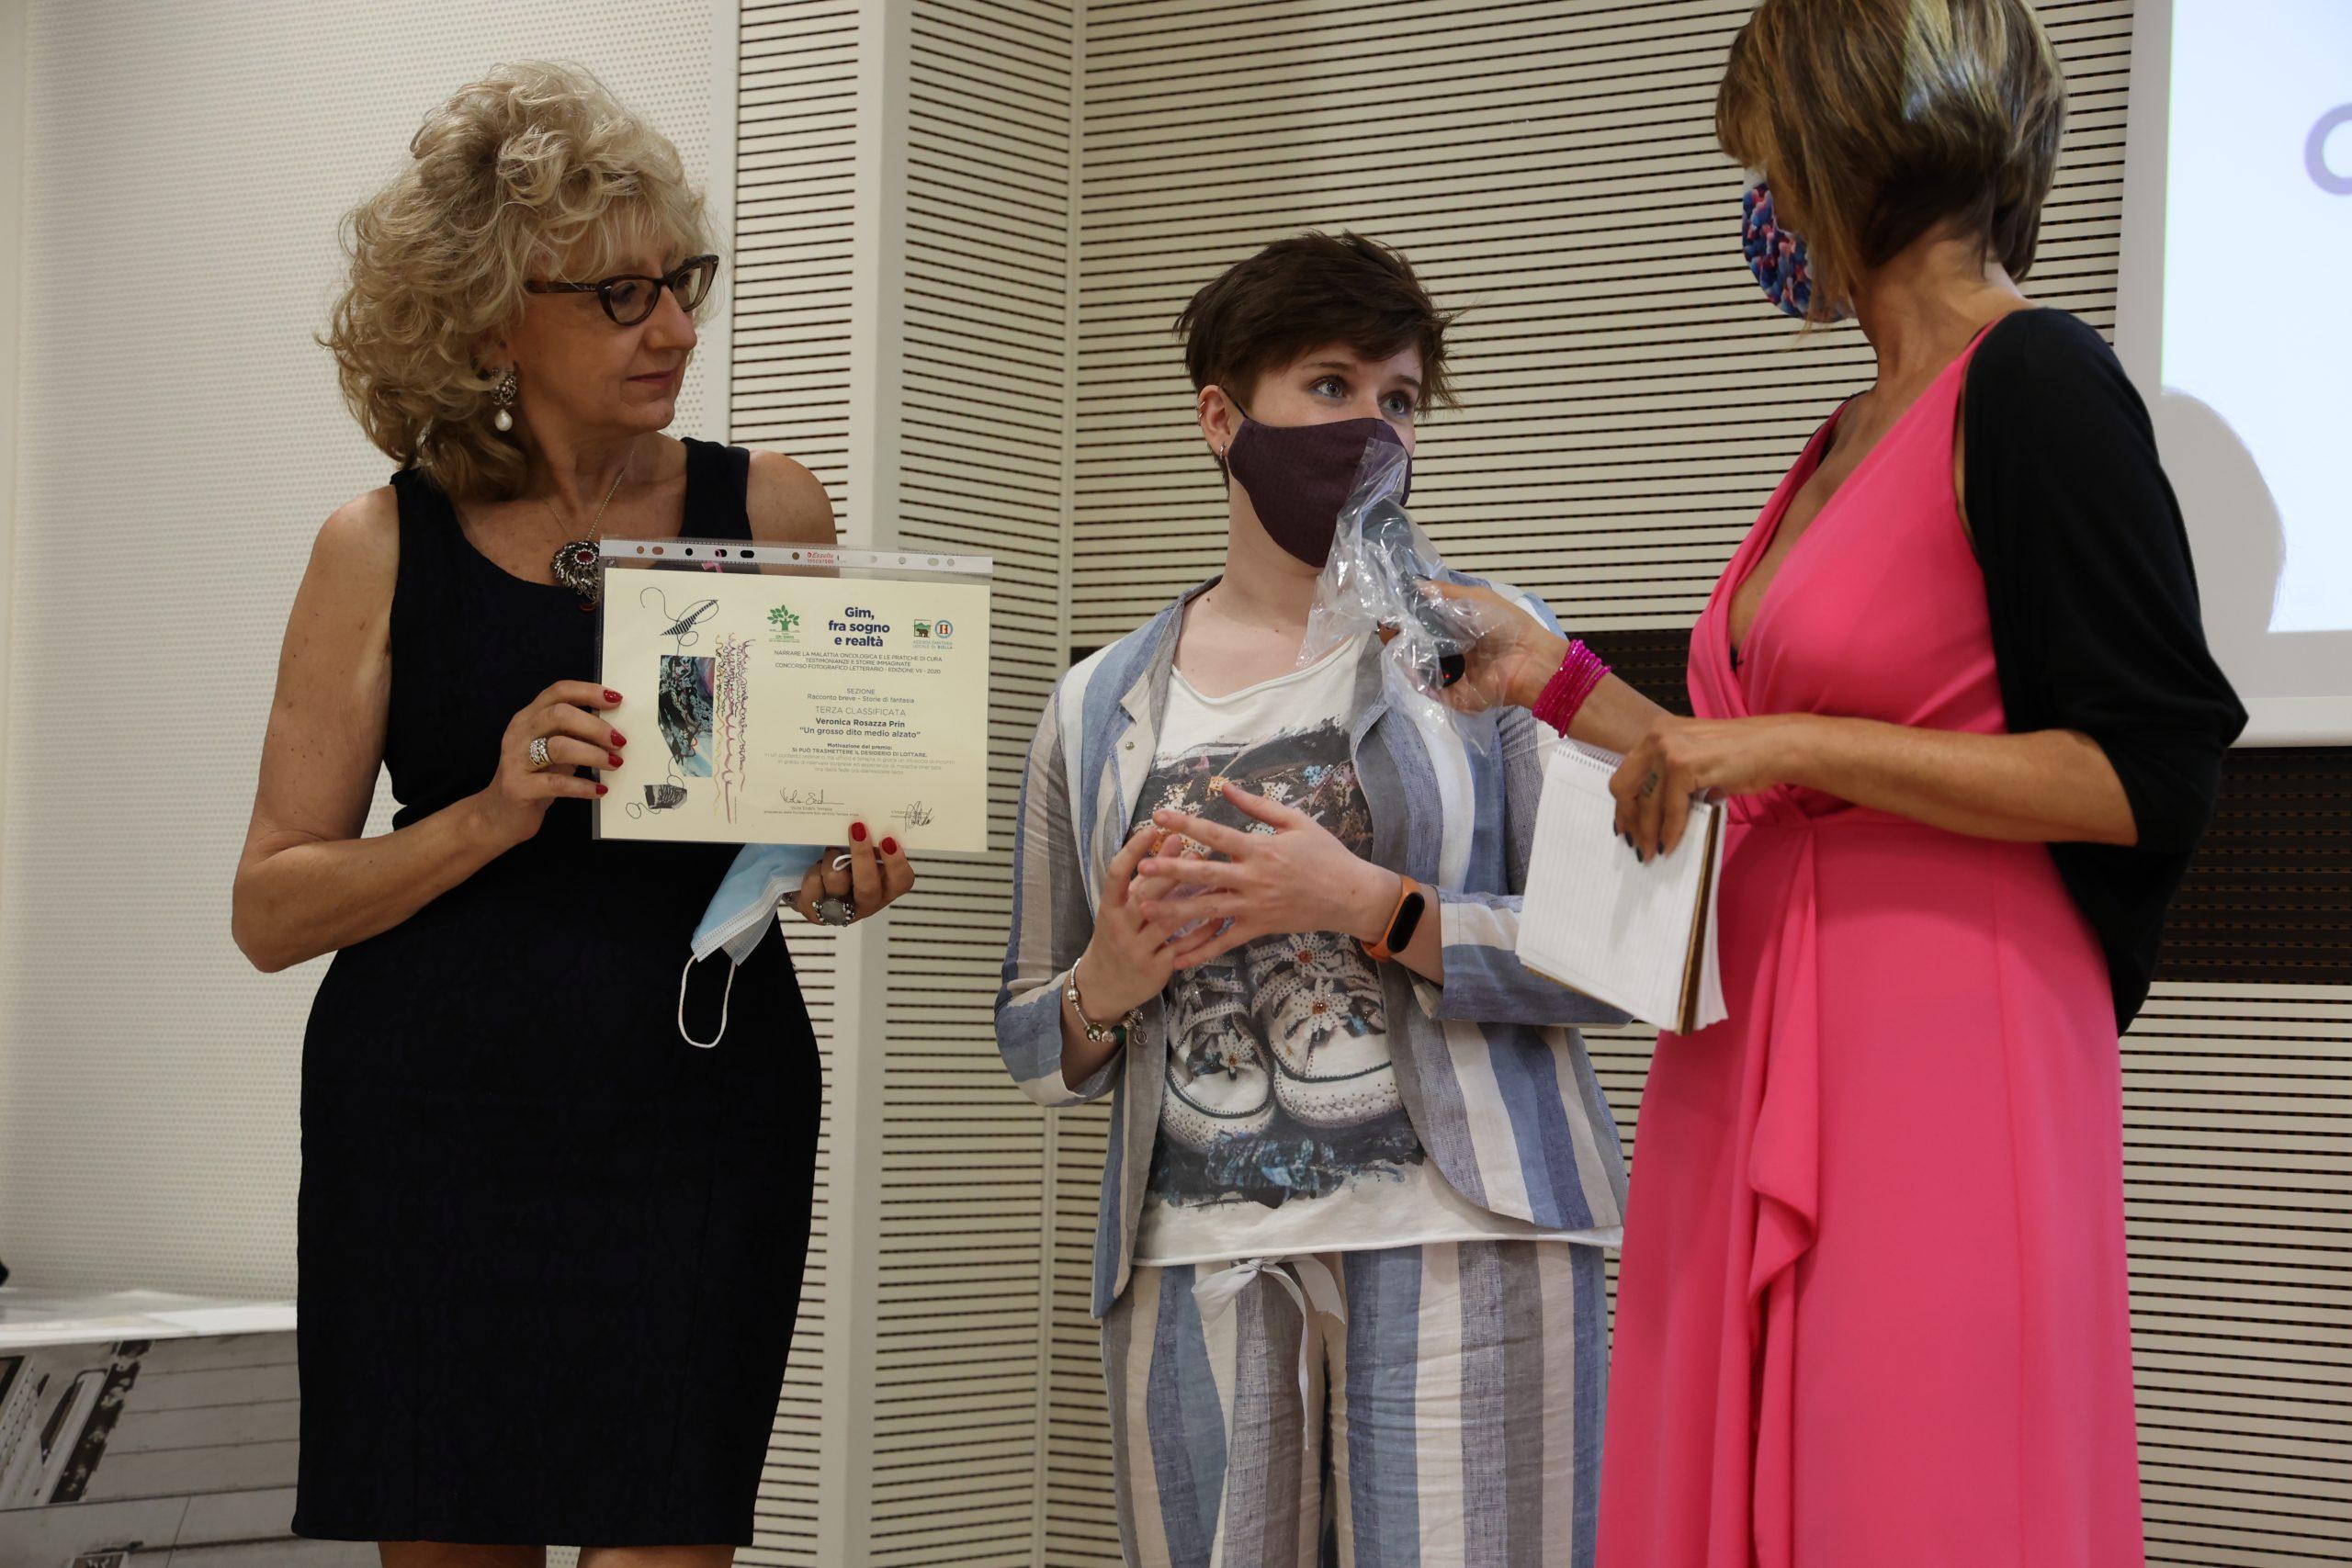 La scrittrice Veronica Rosazza Prin alla premiazione dell'edizione 2021 del concorso letterario Gim, fra sogno e realtà del Fondo Edo Tempia di Biella.